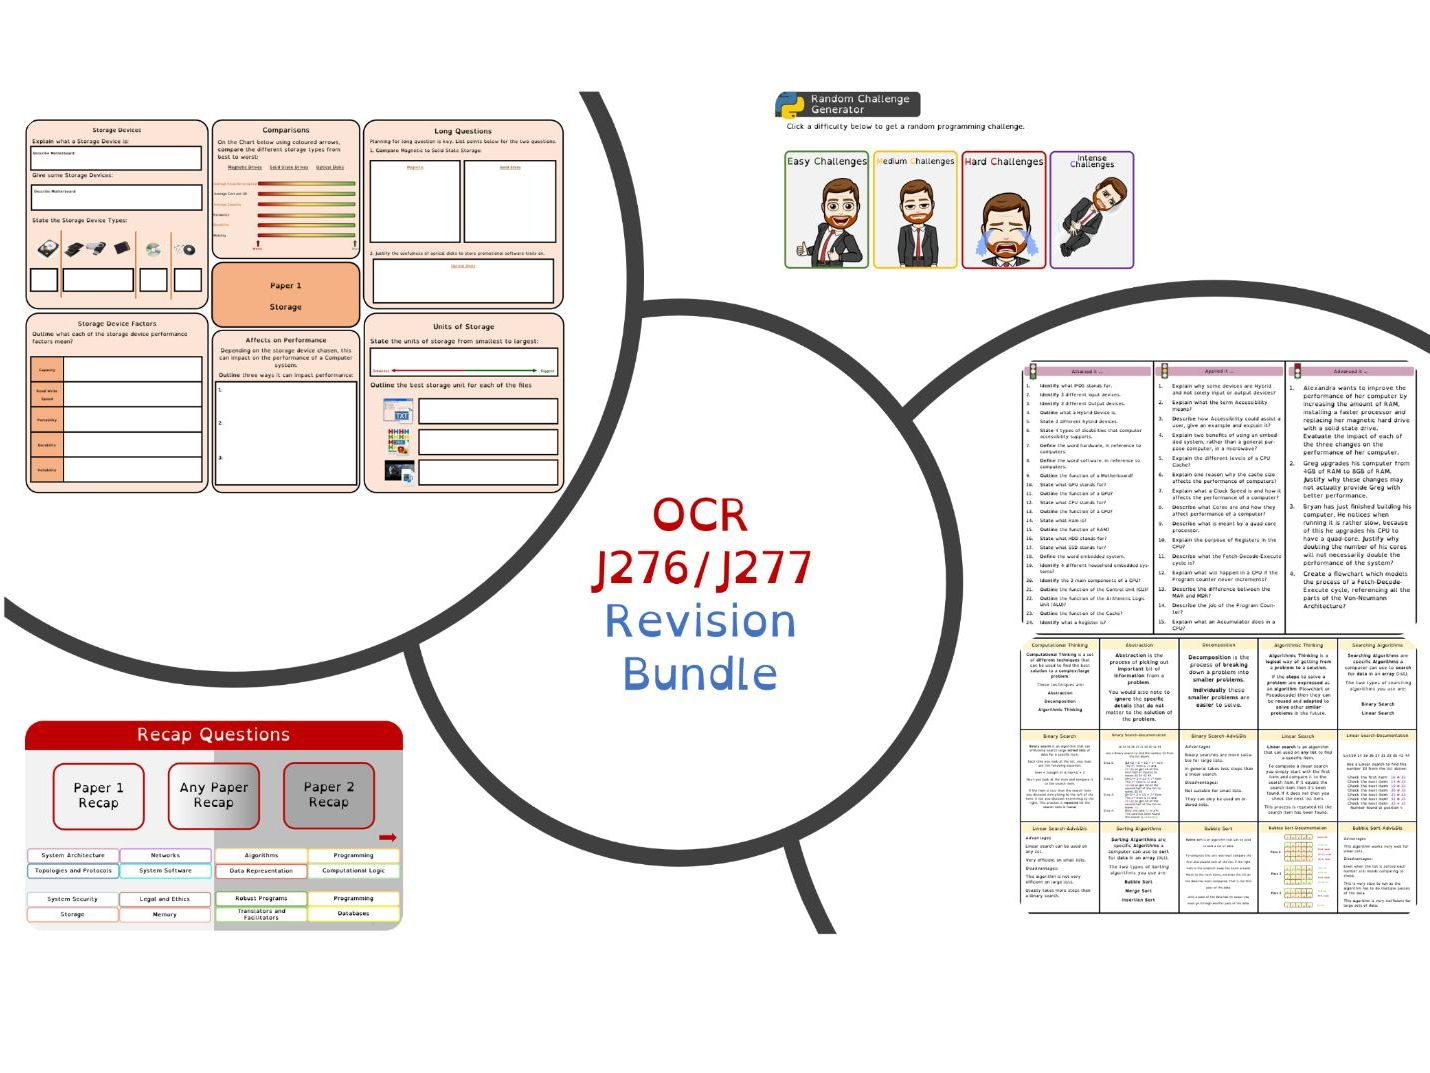 OCR J276/J277 - Revision Bundle